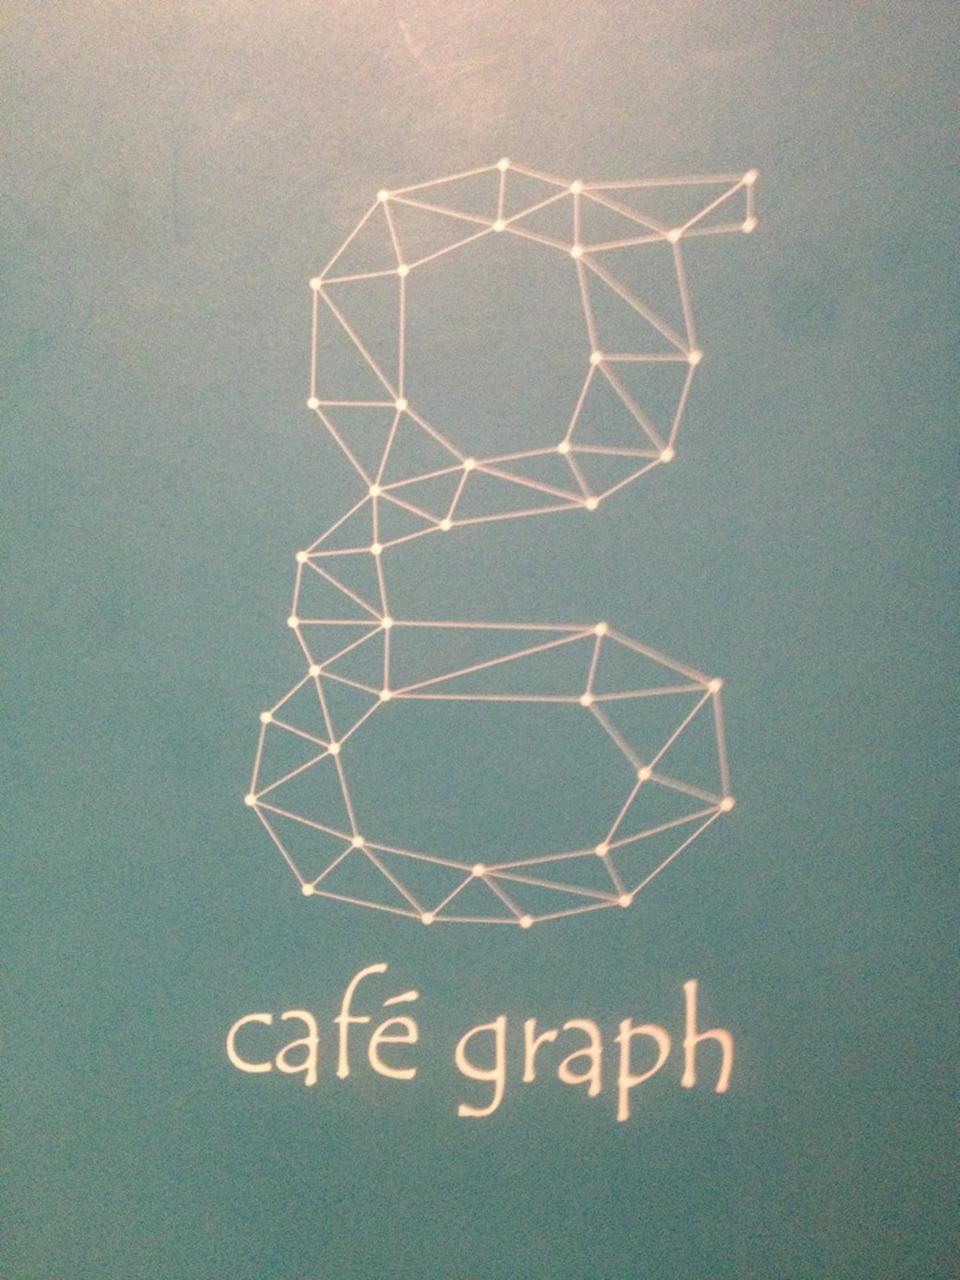 کافه گراف cafe graph 17